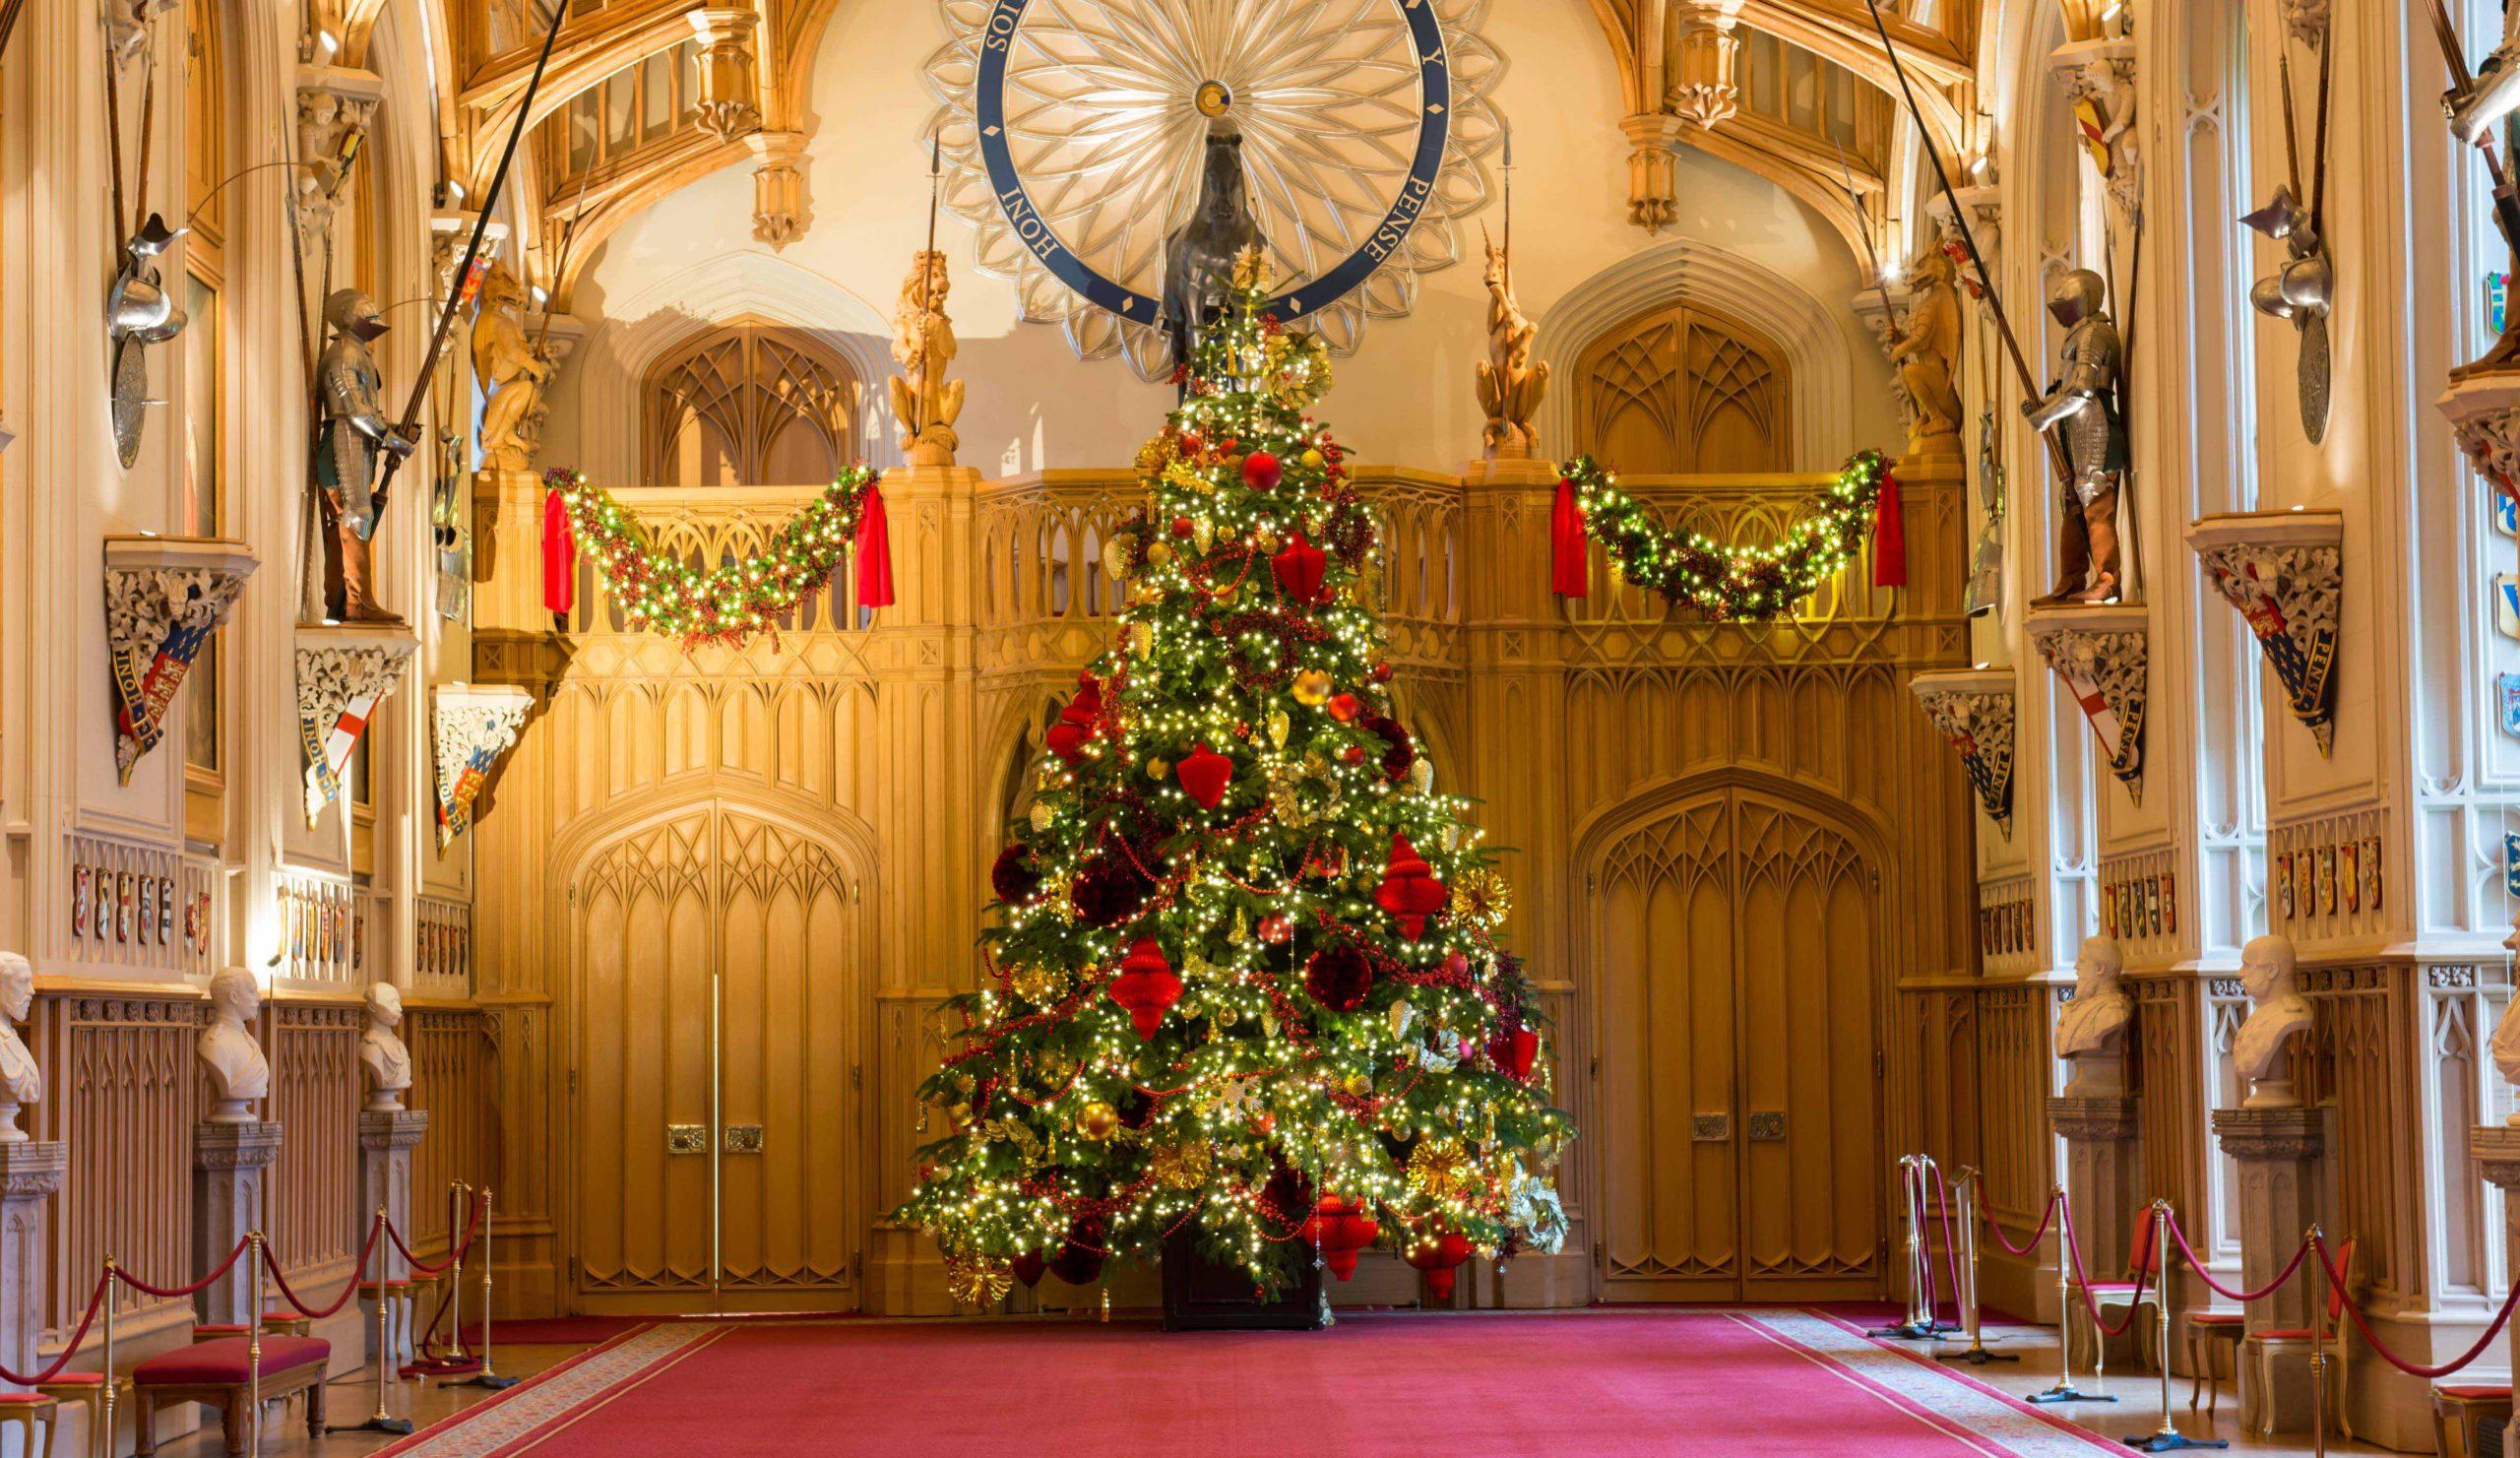 К началу 17 века рождественские ели украшали замки и дворцы знати